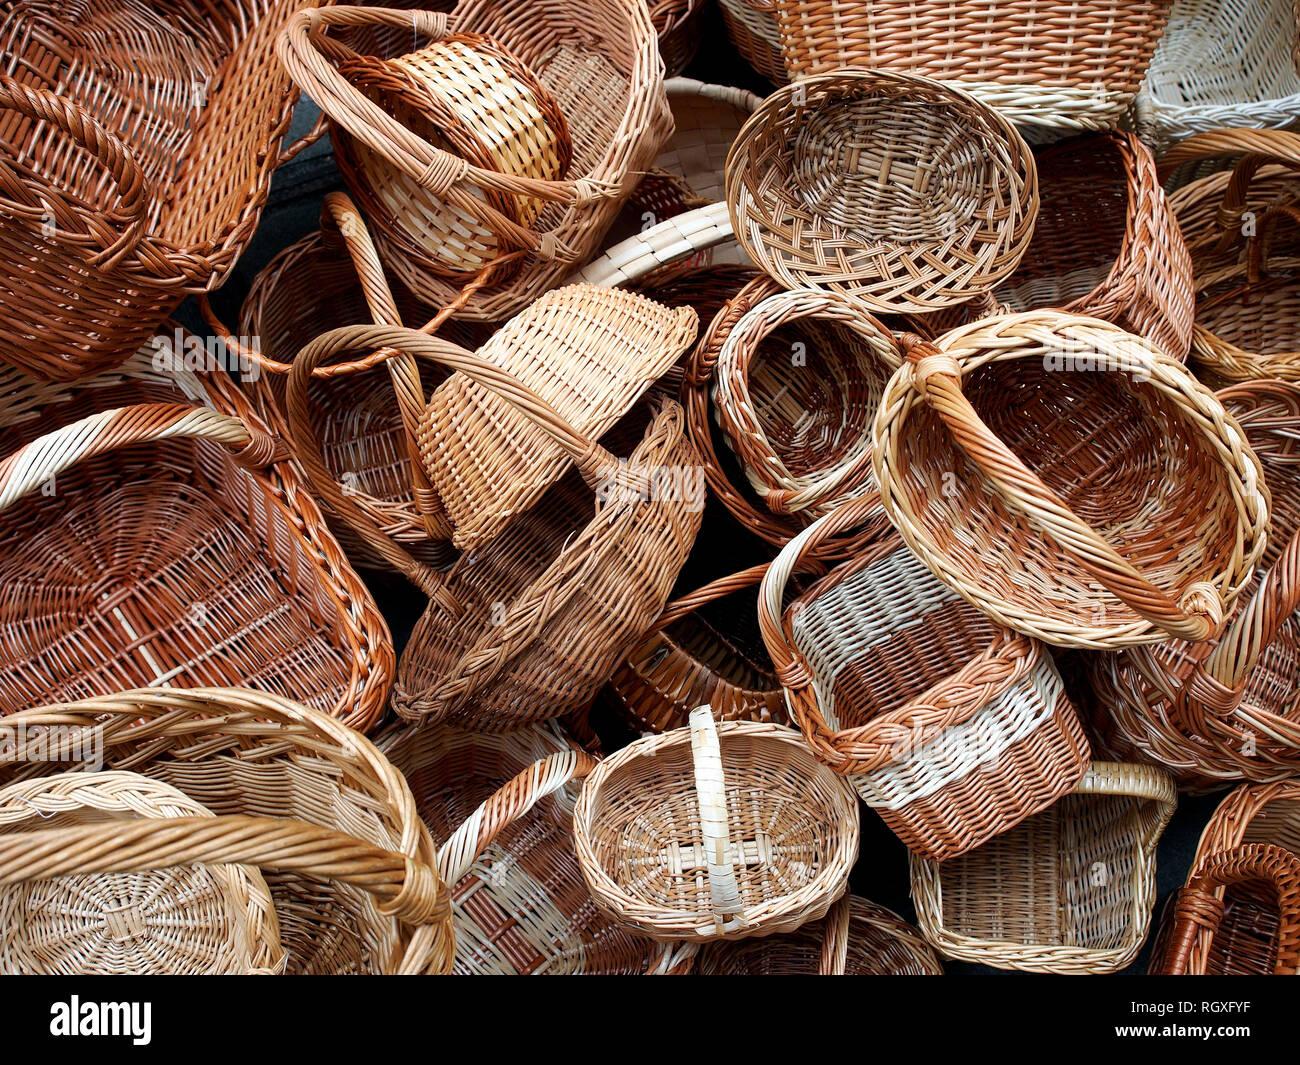 Pile of wicker baskets on sale in public street market. Stock Photo